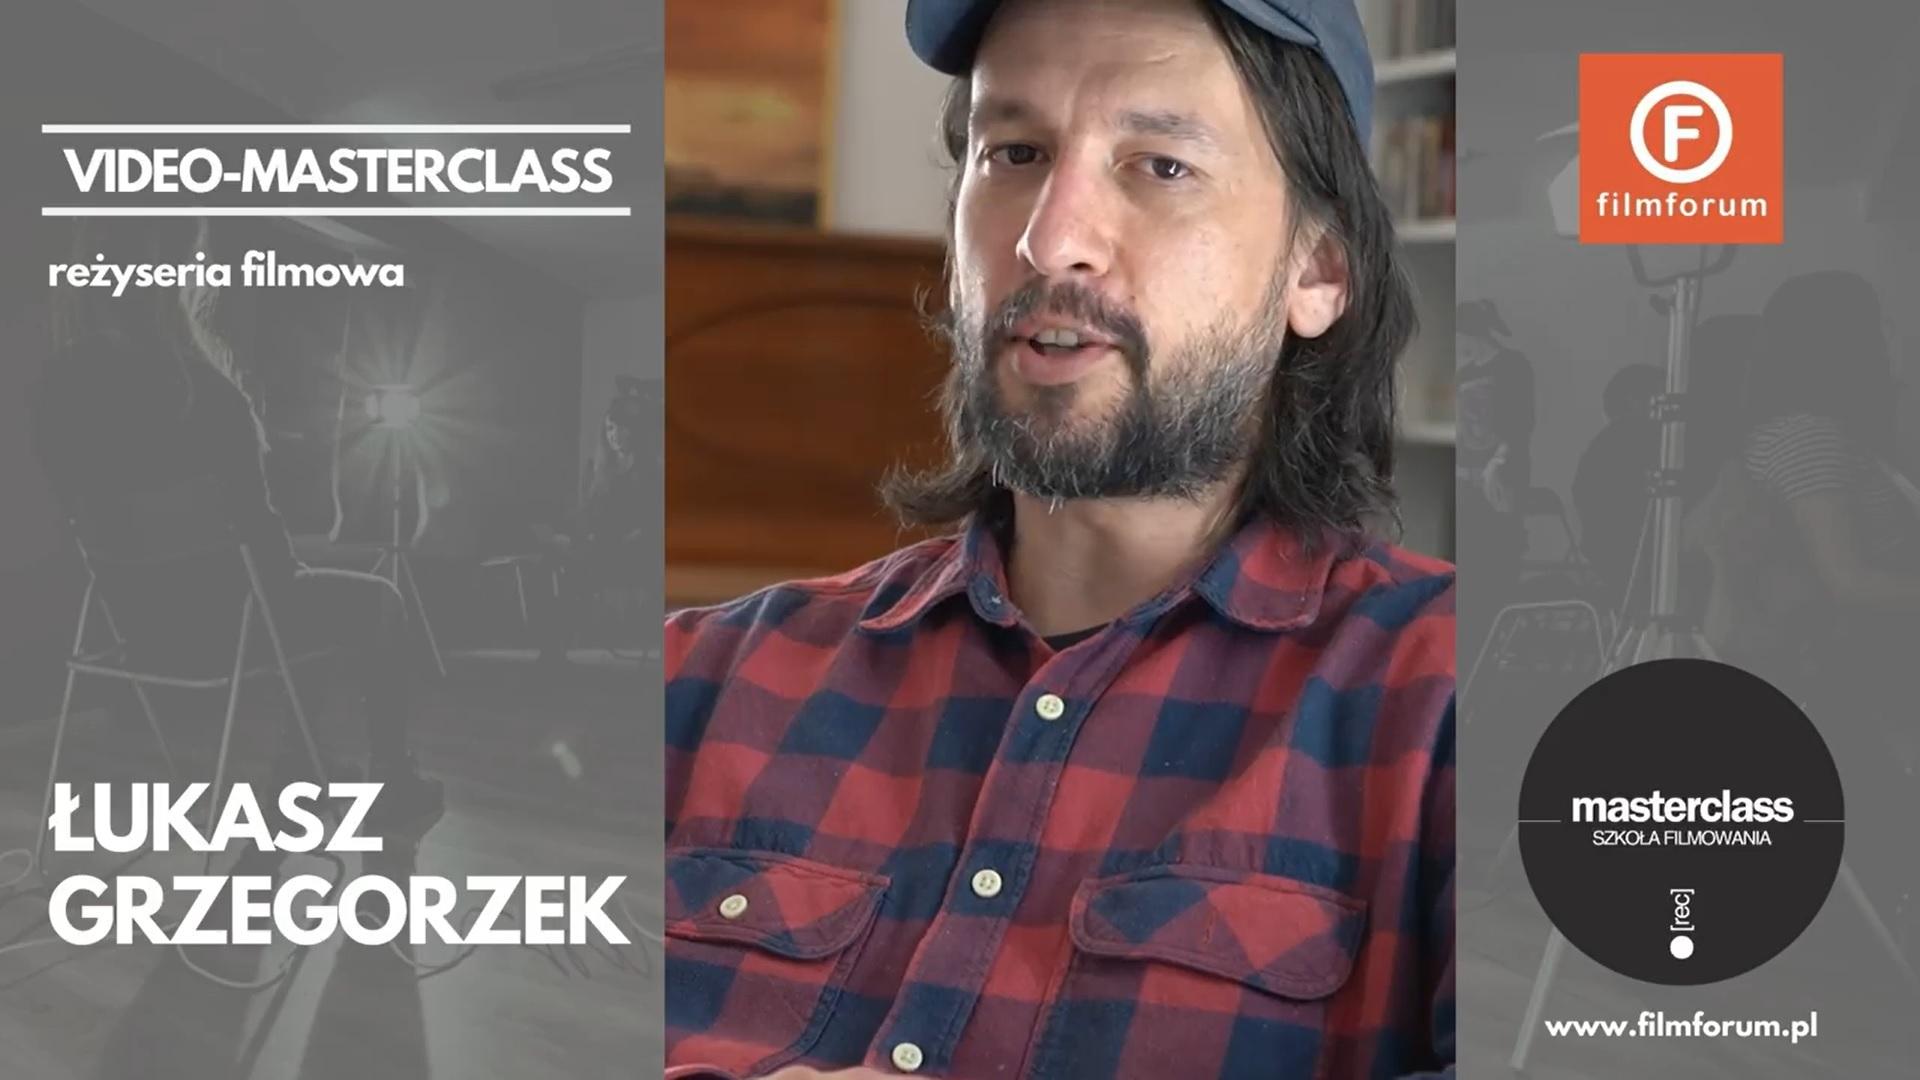 masterclass_grzegorzek